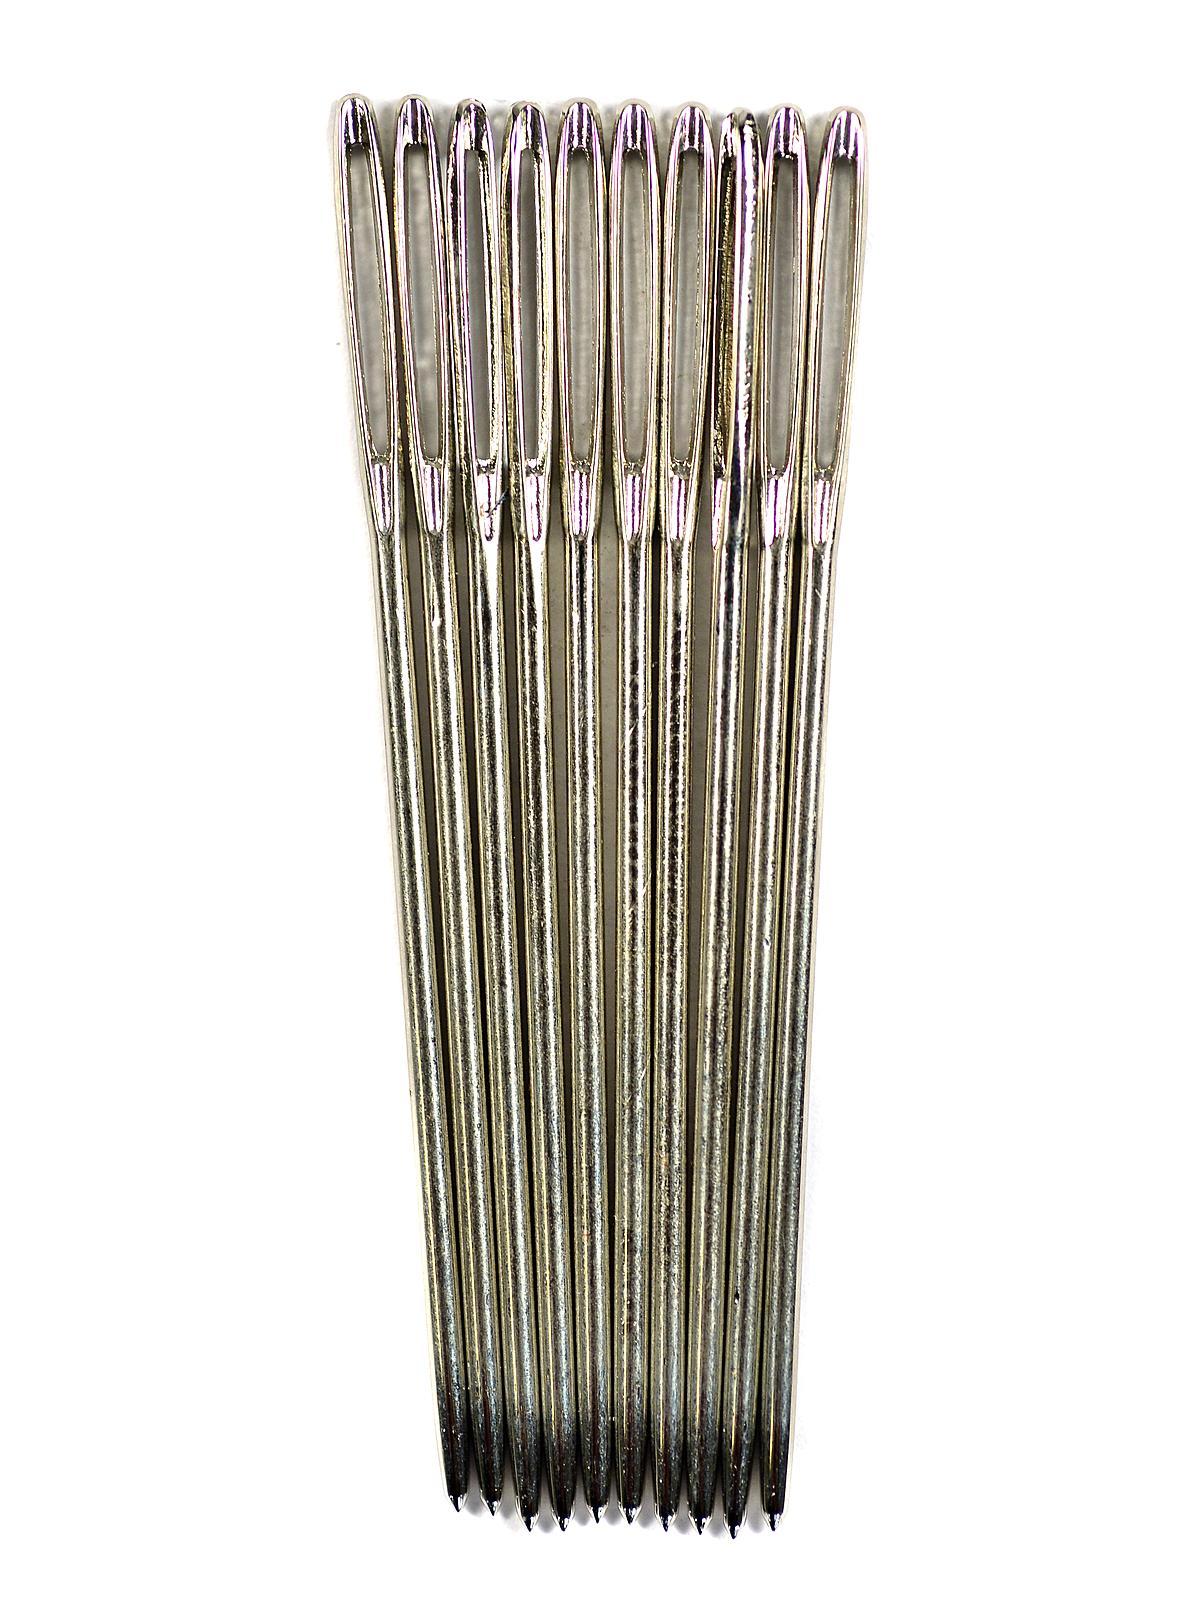 Realeather Needles